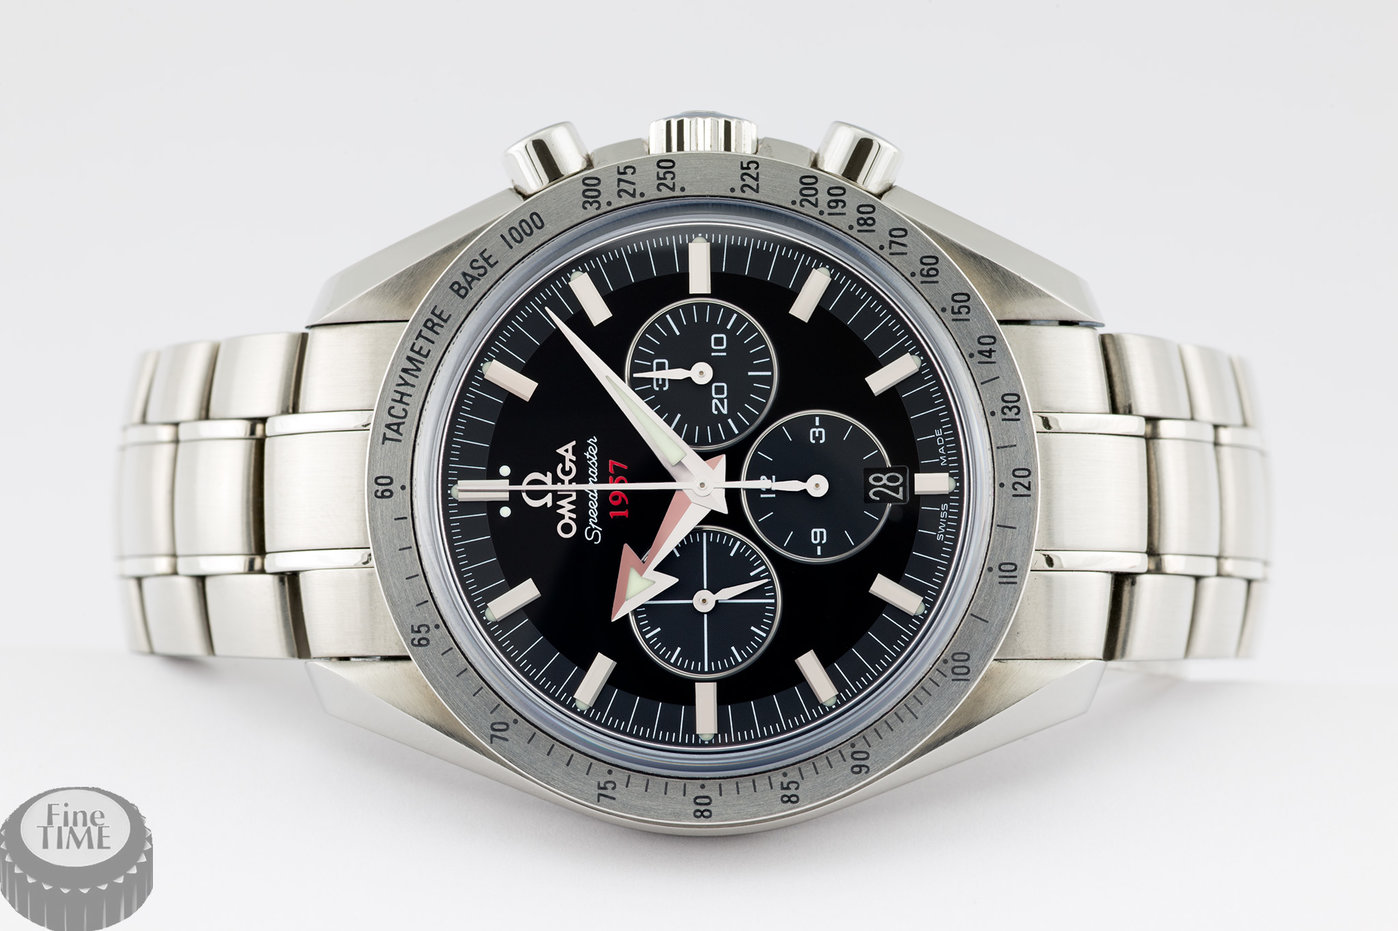 omega-speedmaster-1957-broad-arrow-321-10-42-50-01-001-01.jpg